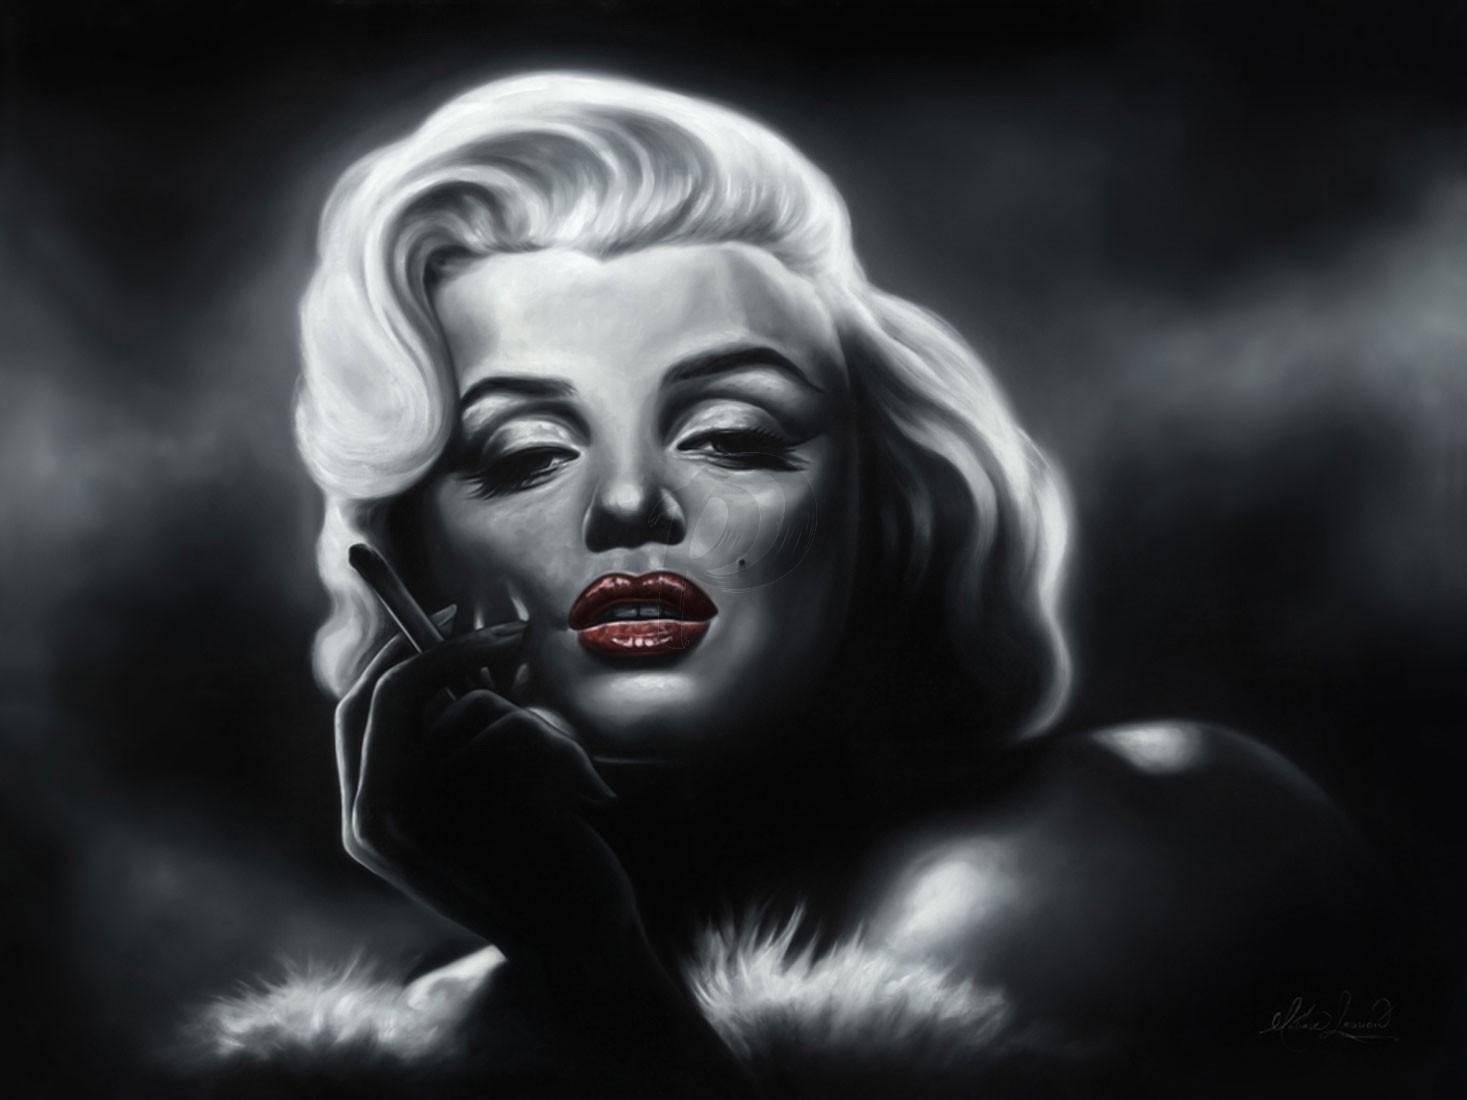 Matías Argudín - Marilyn Monroe (Hand-Painted Reproduction)